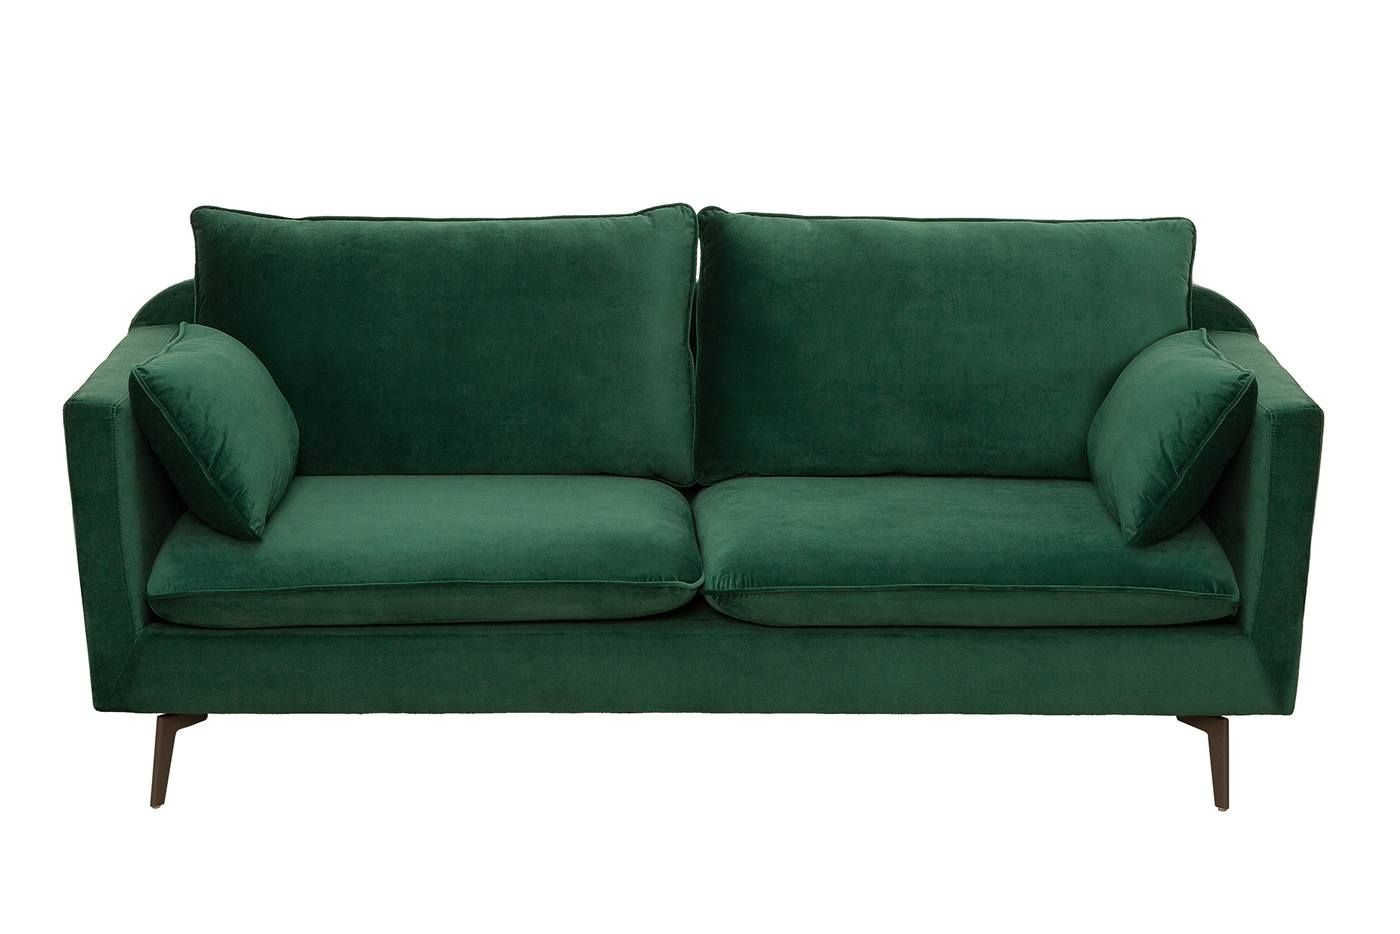 Ketszemelyes Barsony Kanape Pavazold Urbain Sofa Love Seat